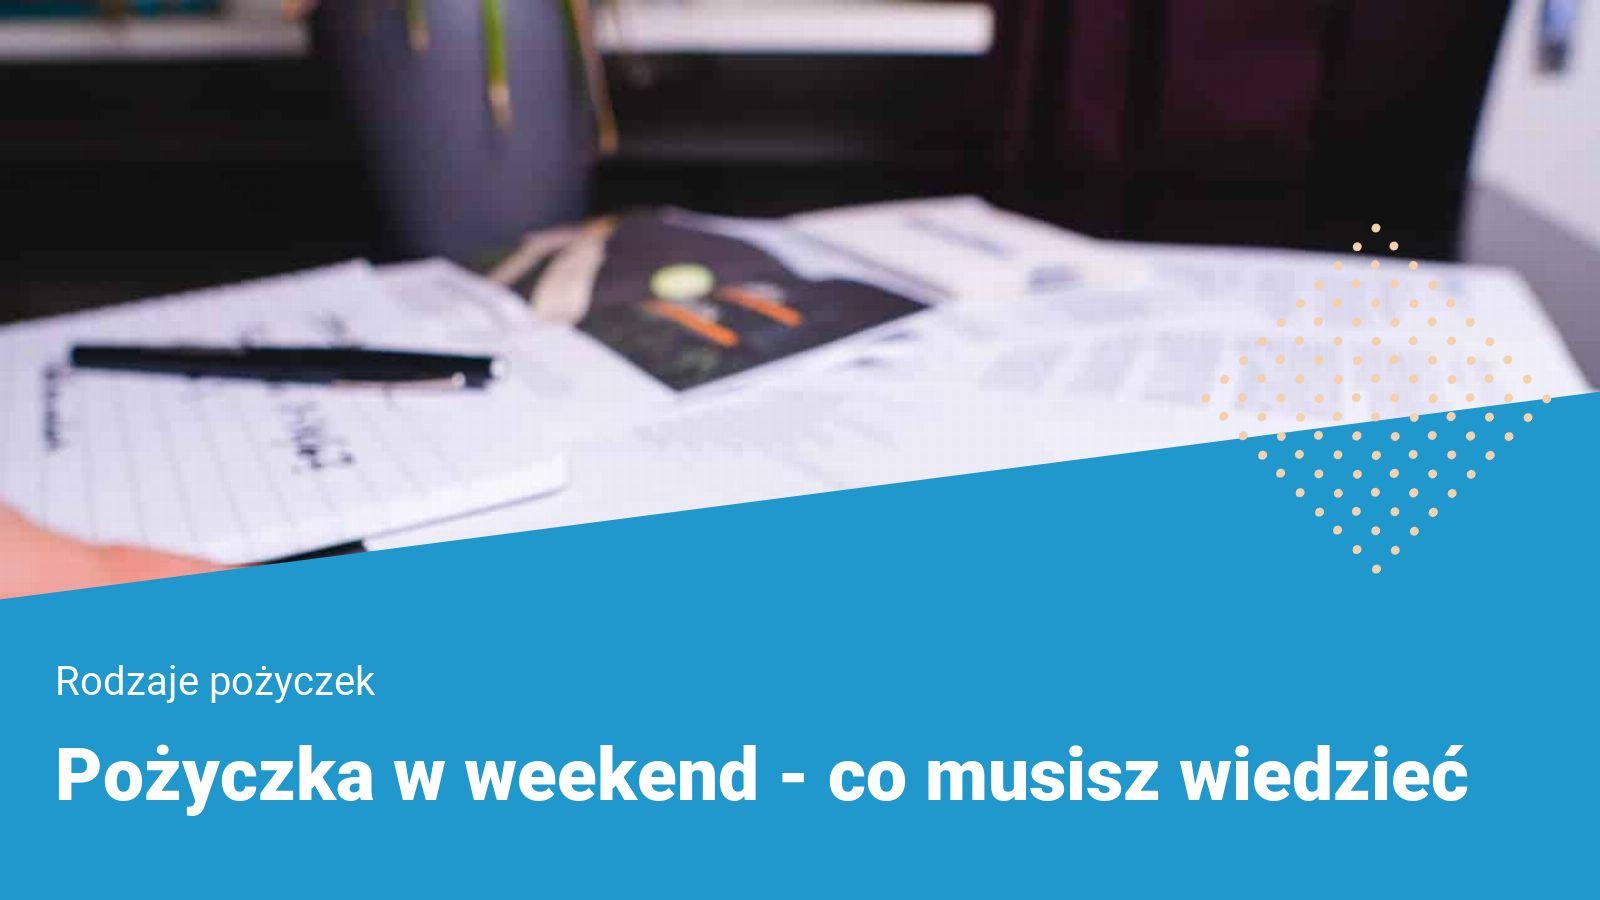 Pożyczka w weekend